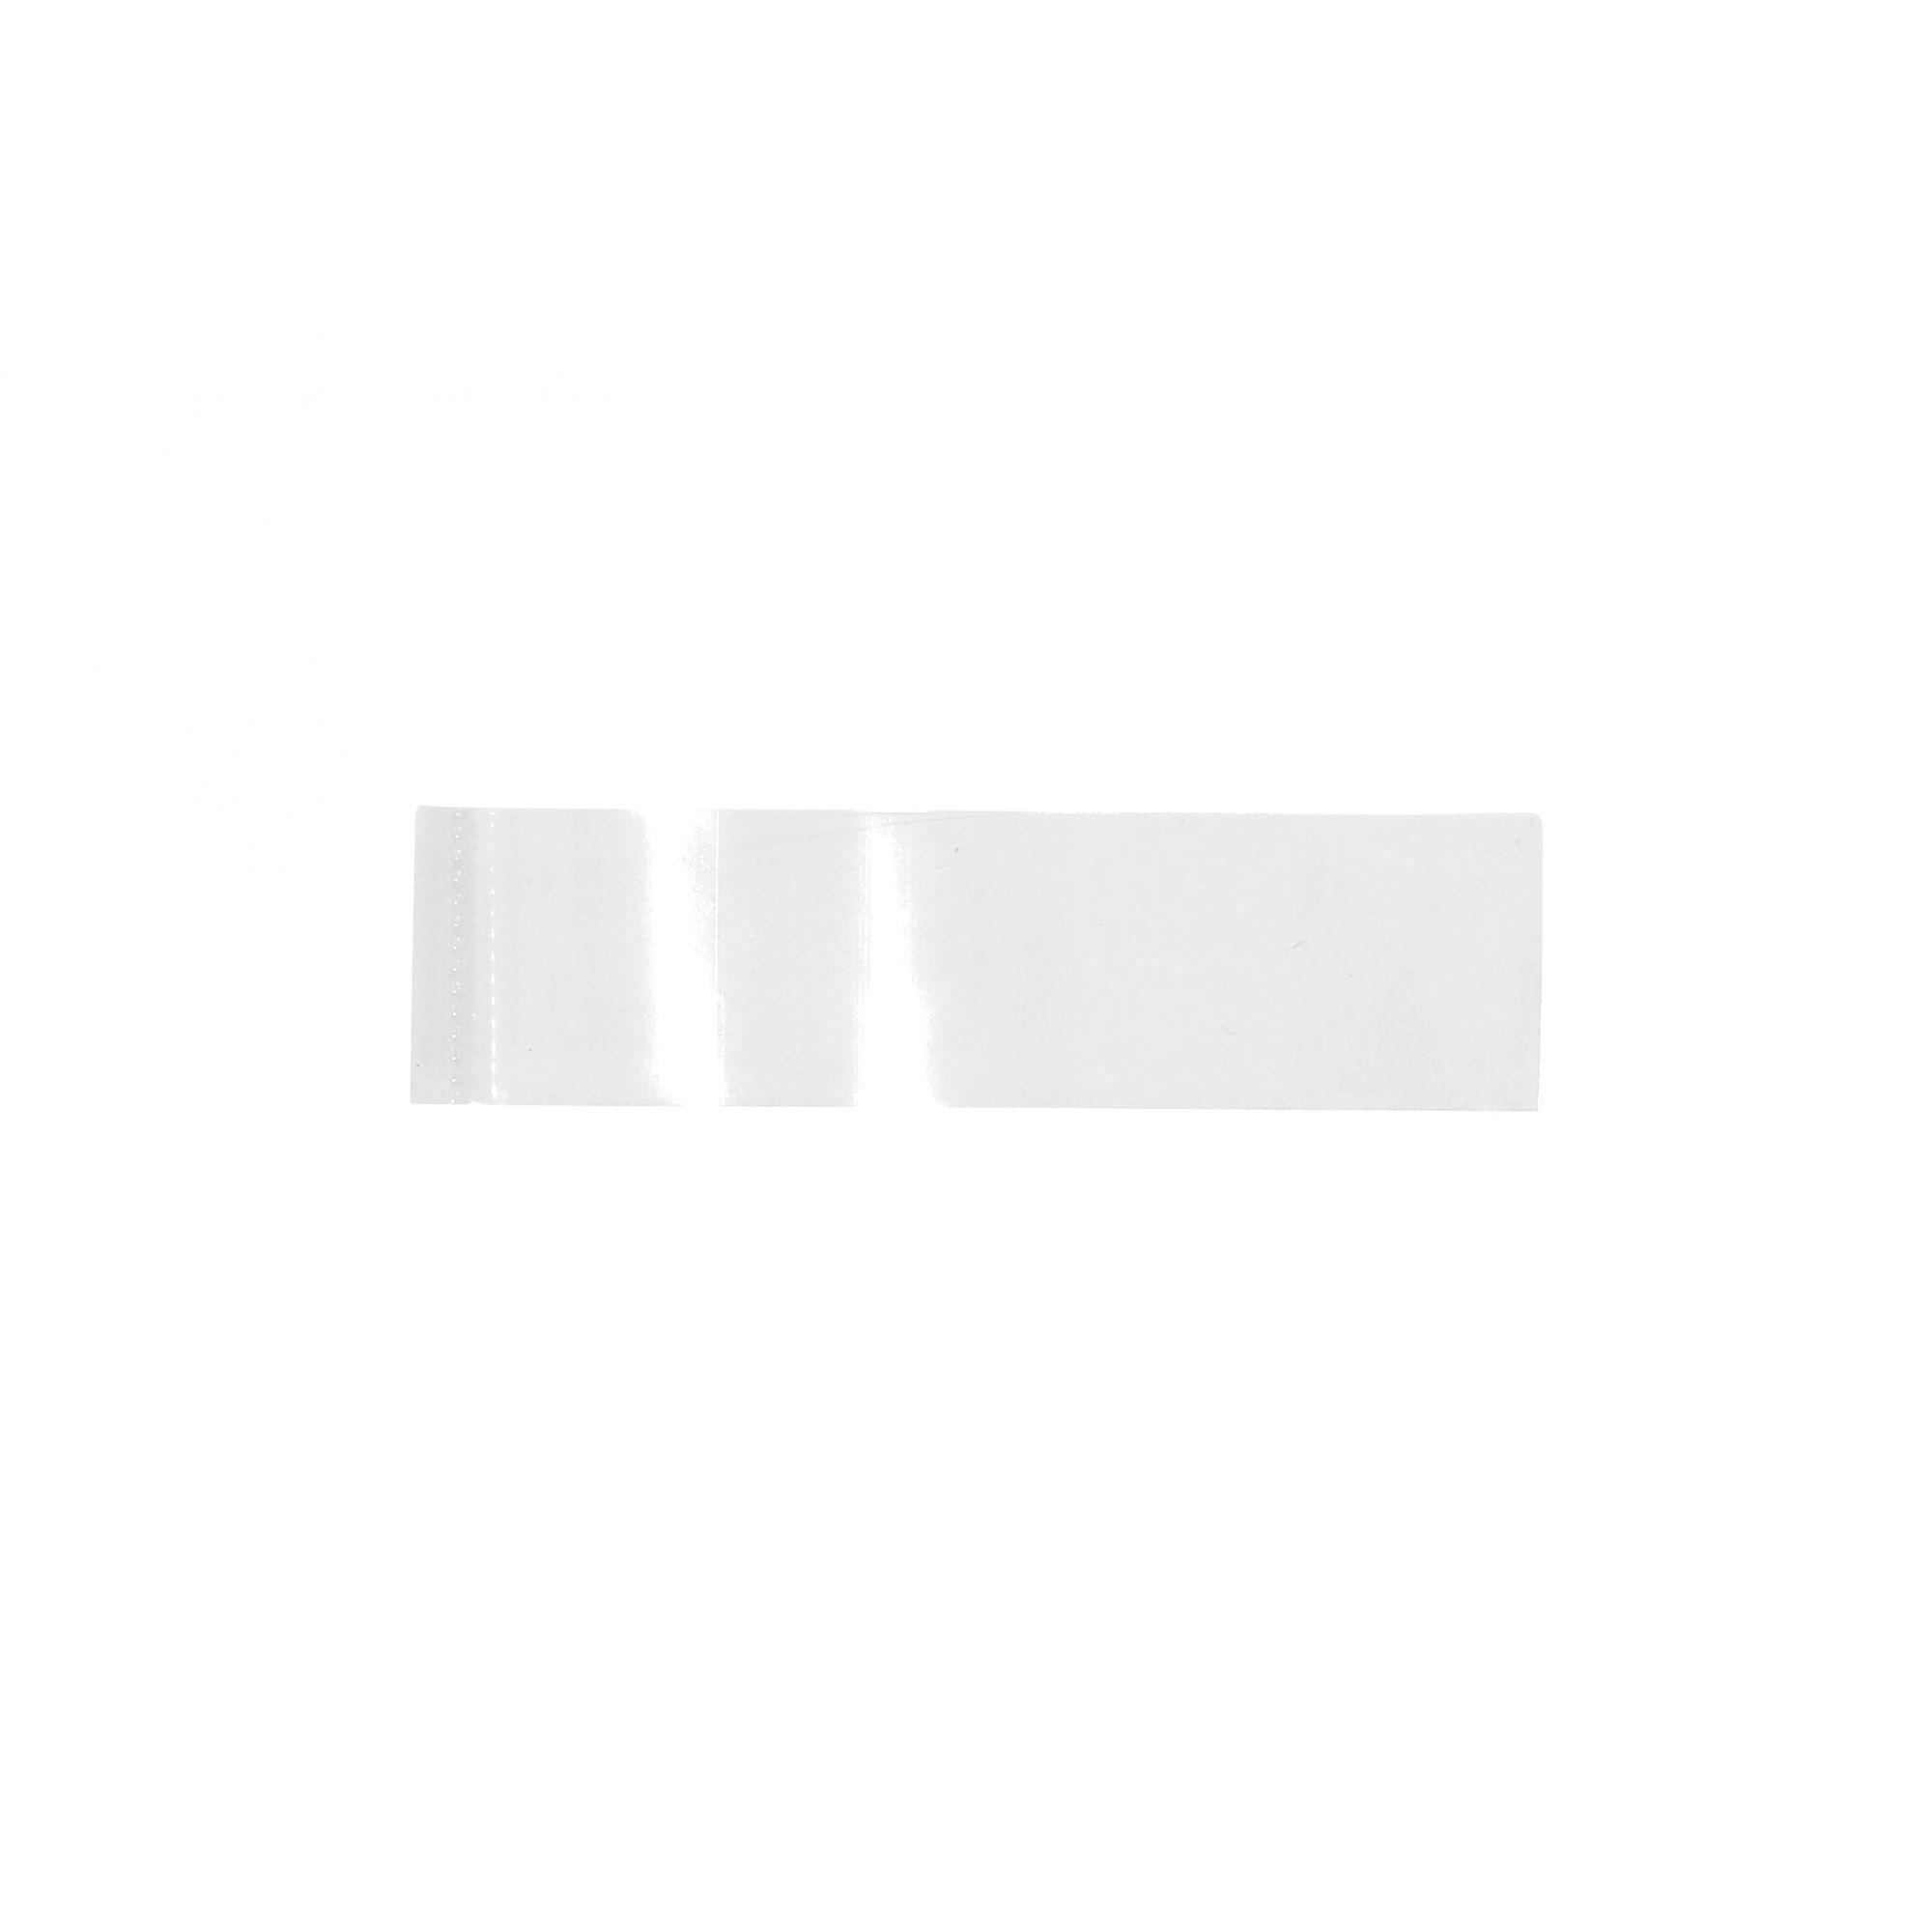 Lacre Termoencolhível 63mm Incolor - Kit com 200 Unidades